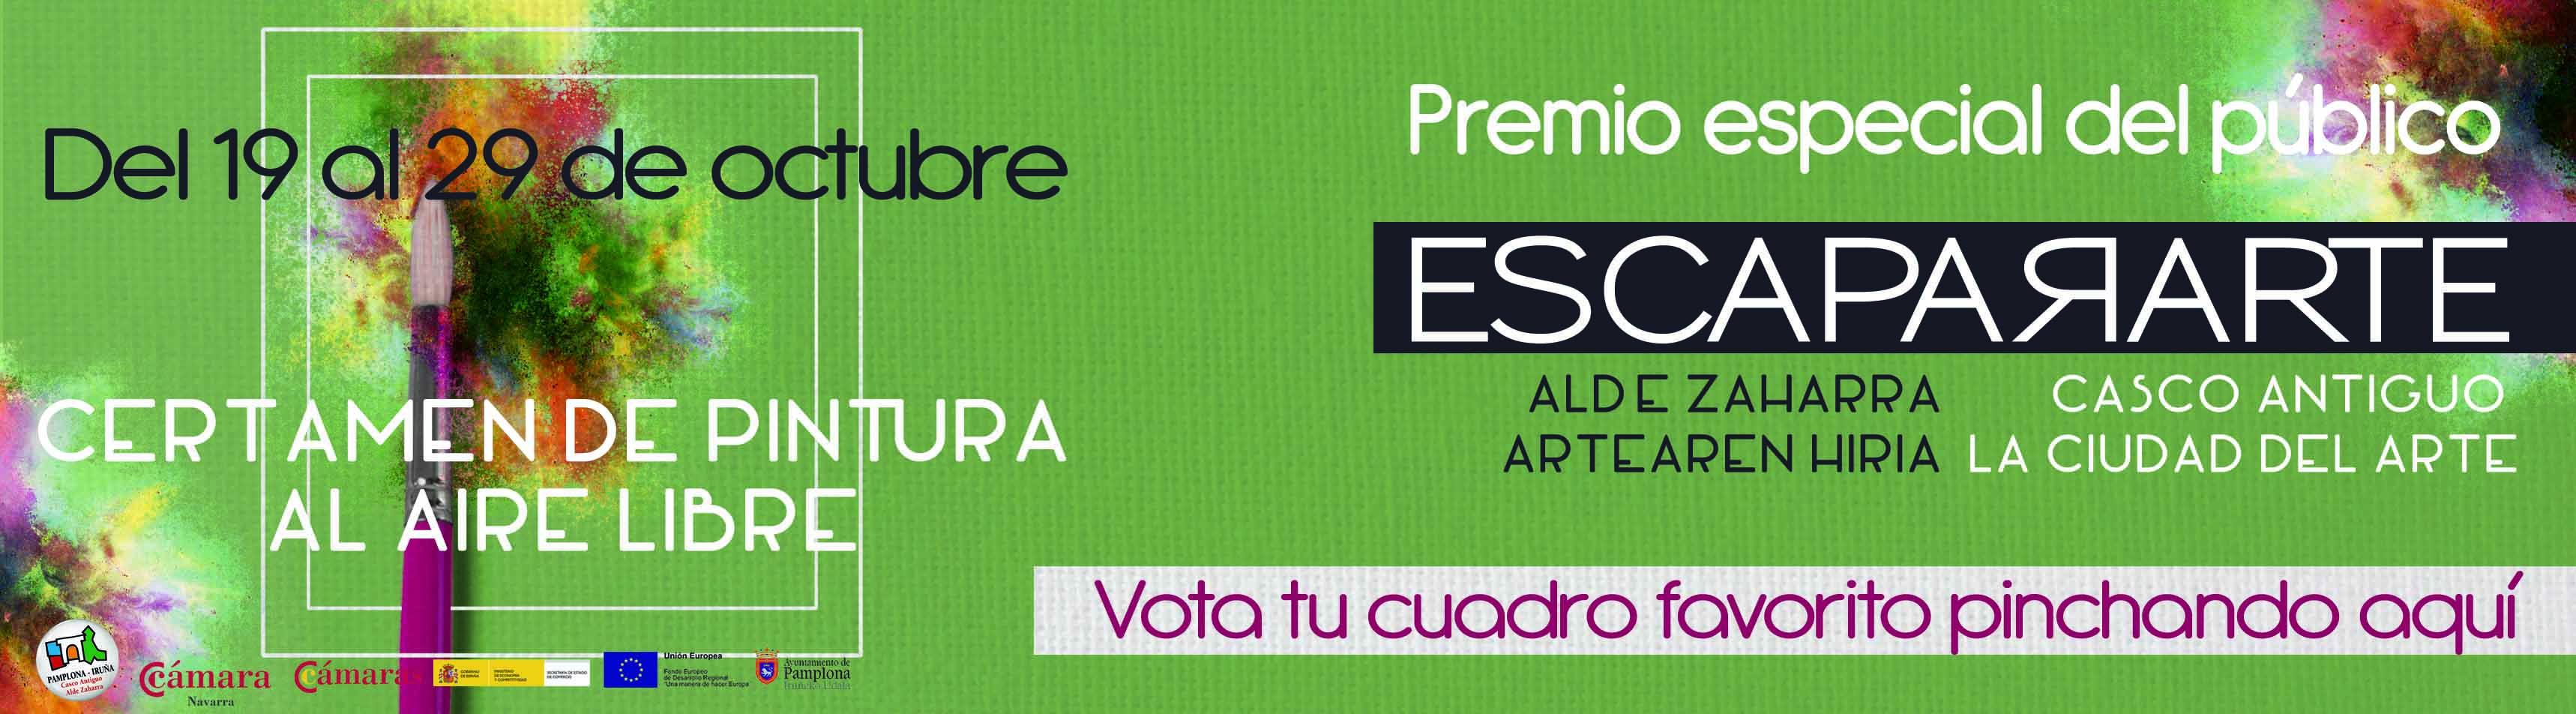 banner votacion